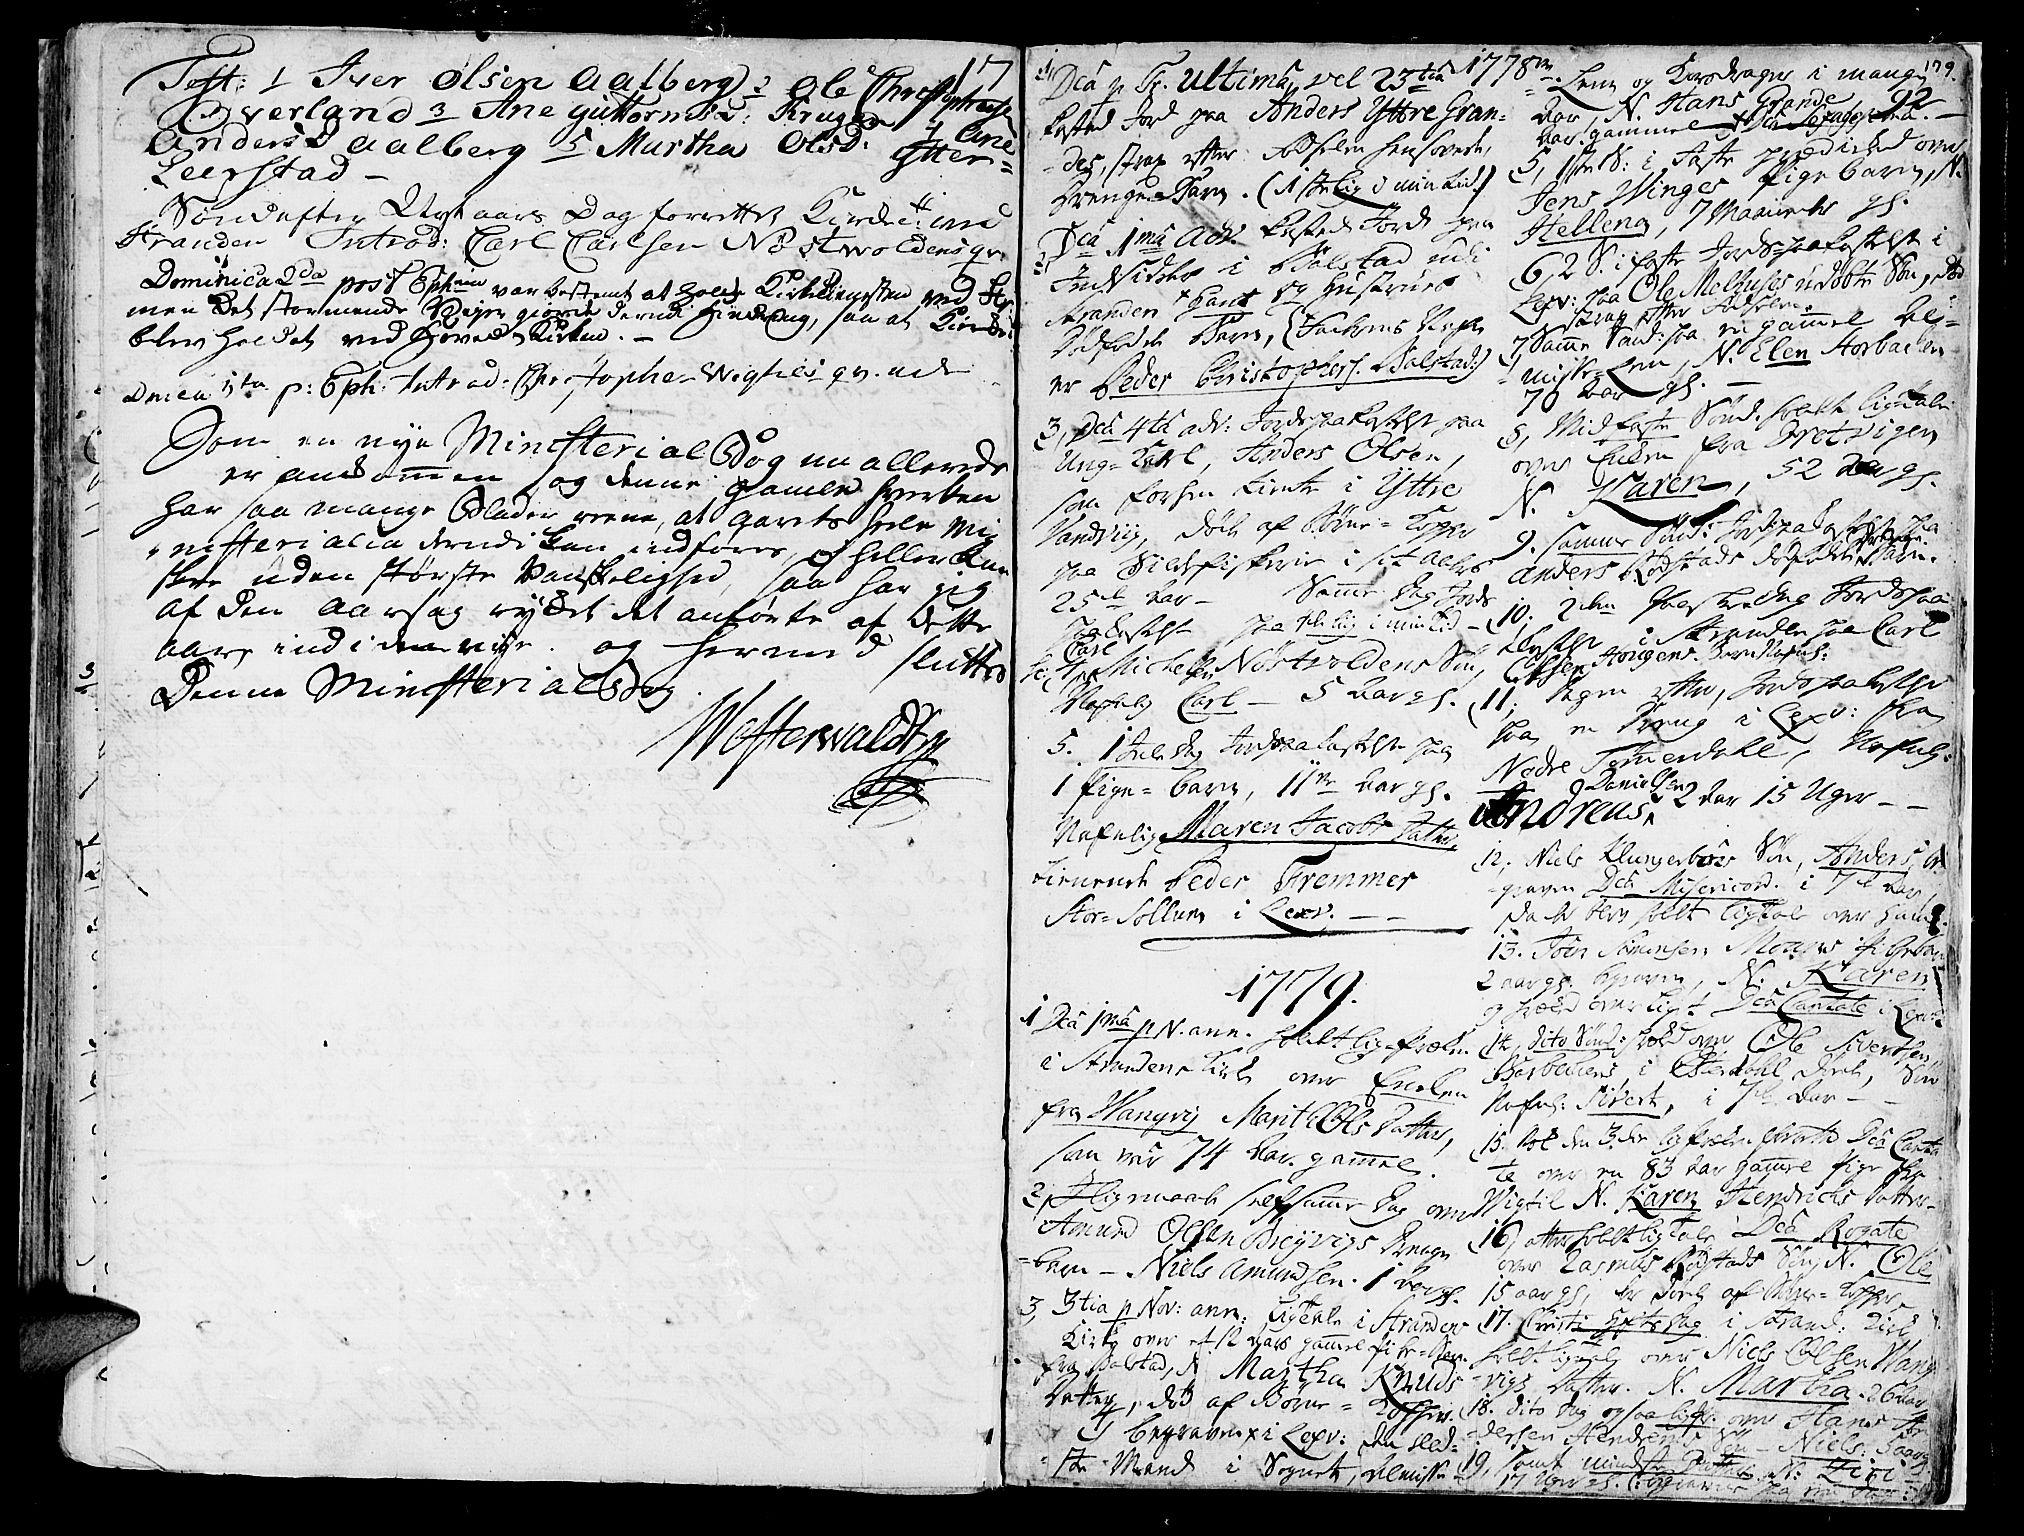 SAT, Ministerialprotokoller, klokkerbøker og fødselsregistre - Nord-Trøndelag, 701/L0003: Ministerialbok nr. 701A03, 1751-1783, s. 179